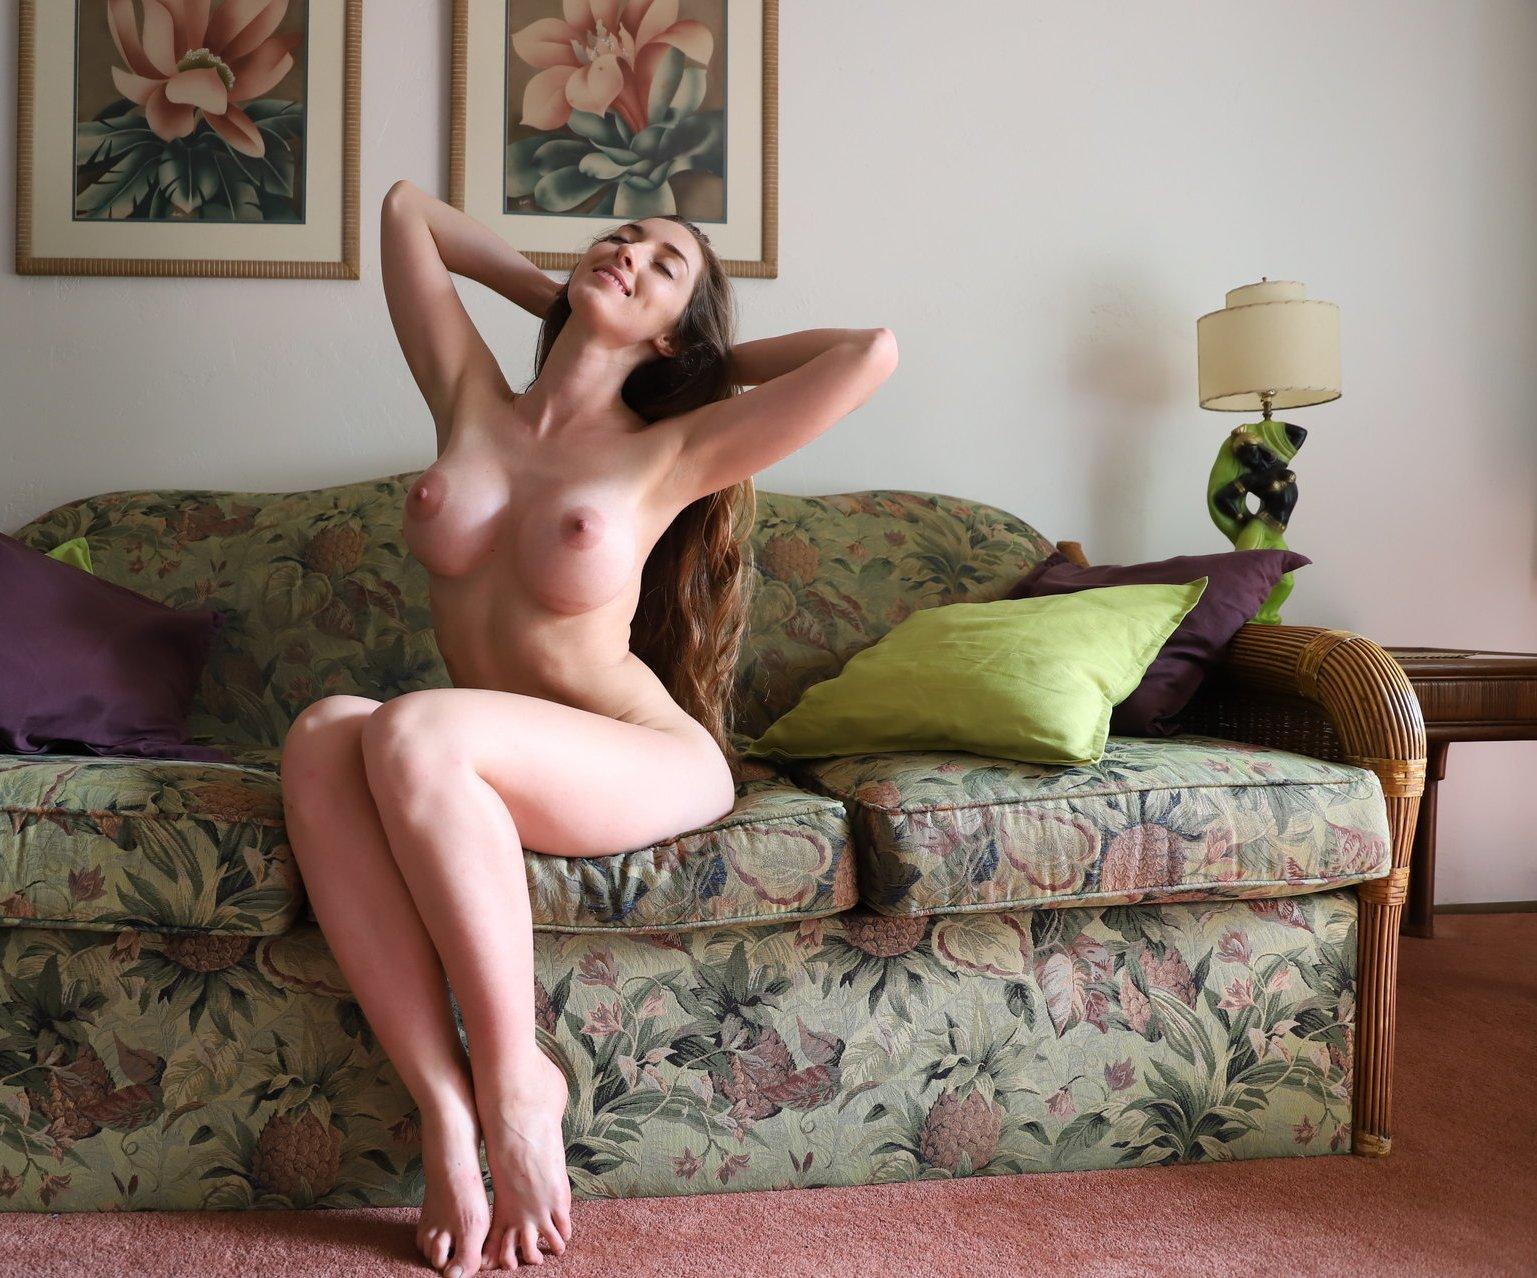 Abby Opel Onlyfans Nude Leaks 0013